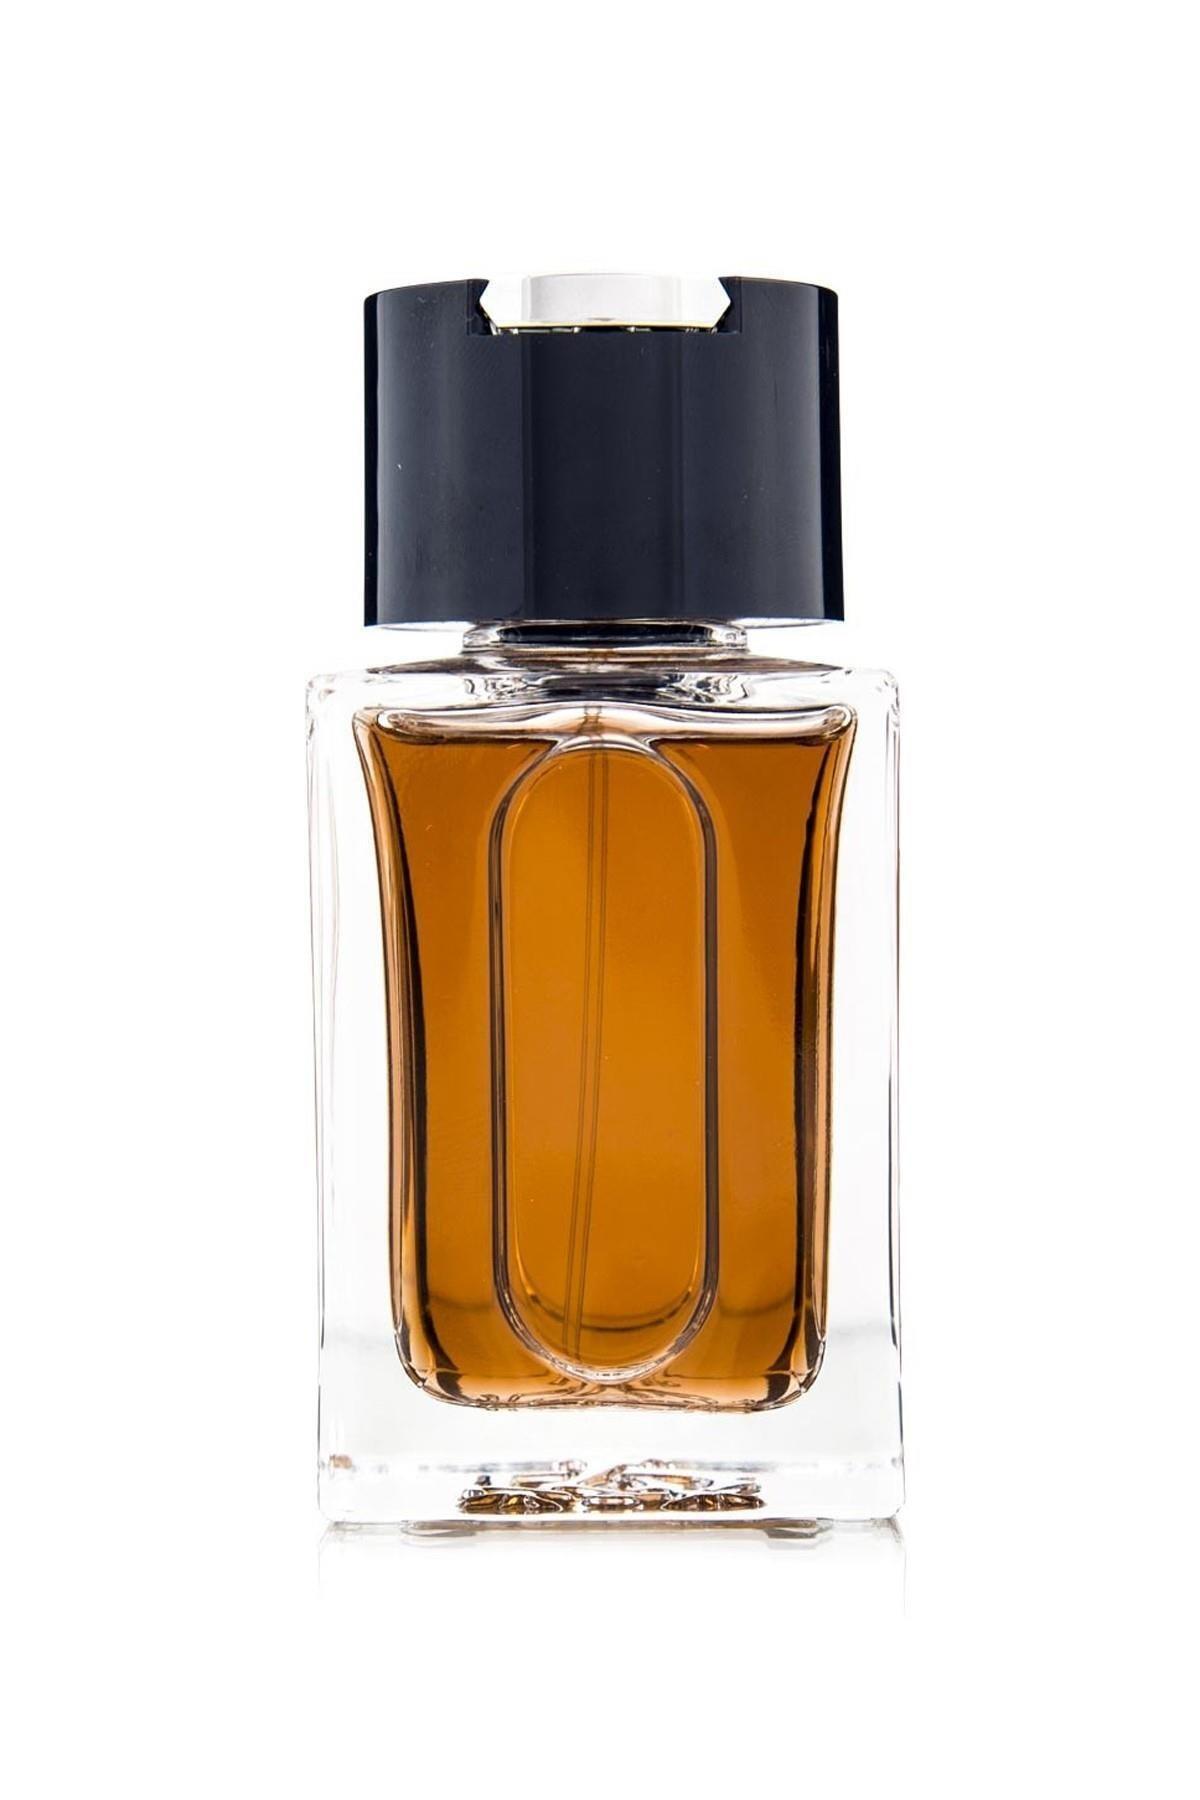 Dunhill Custom Edt Erkek Parfümü 100 ml 737052405216 2